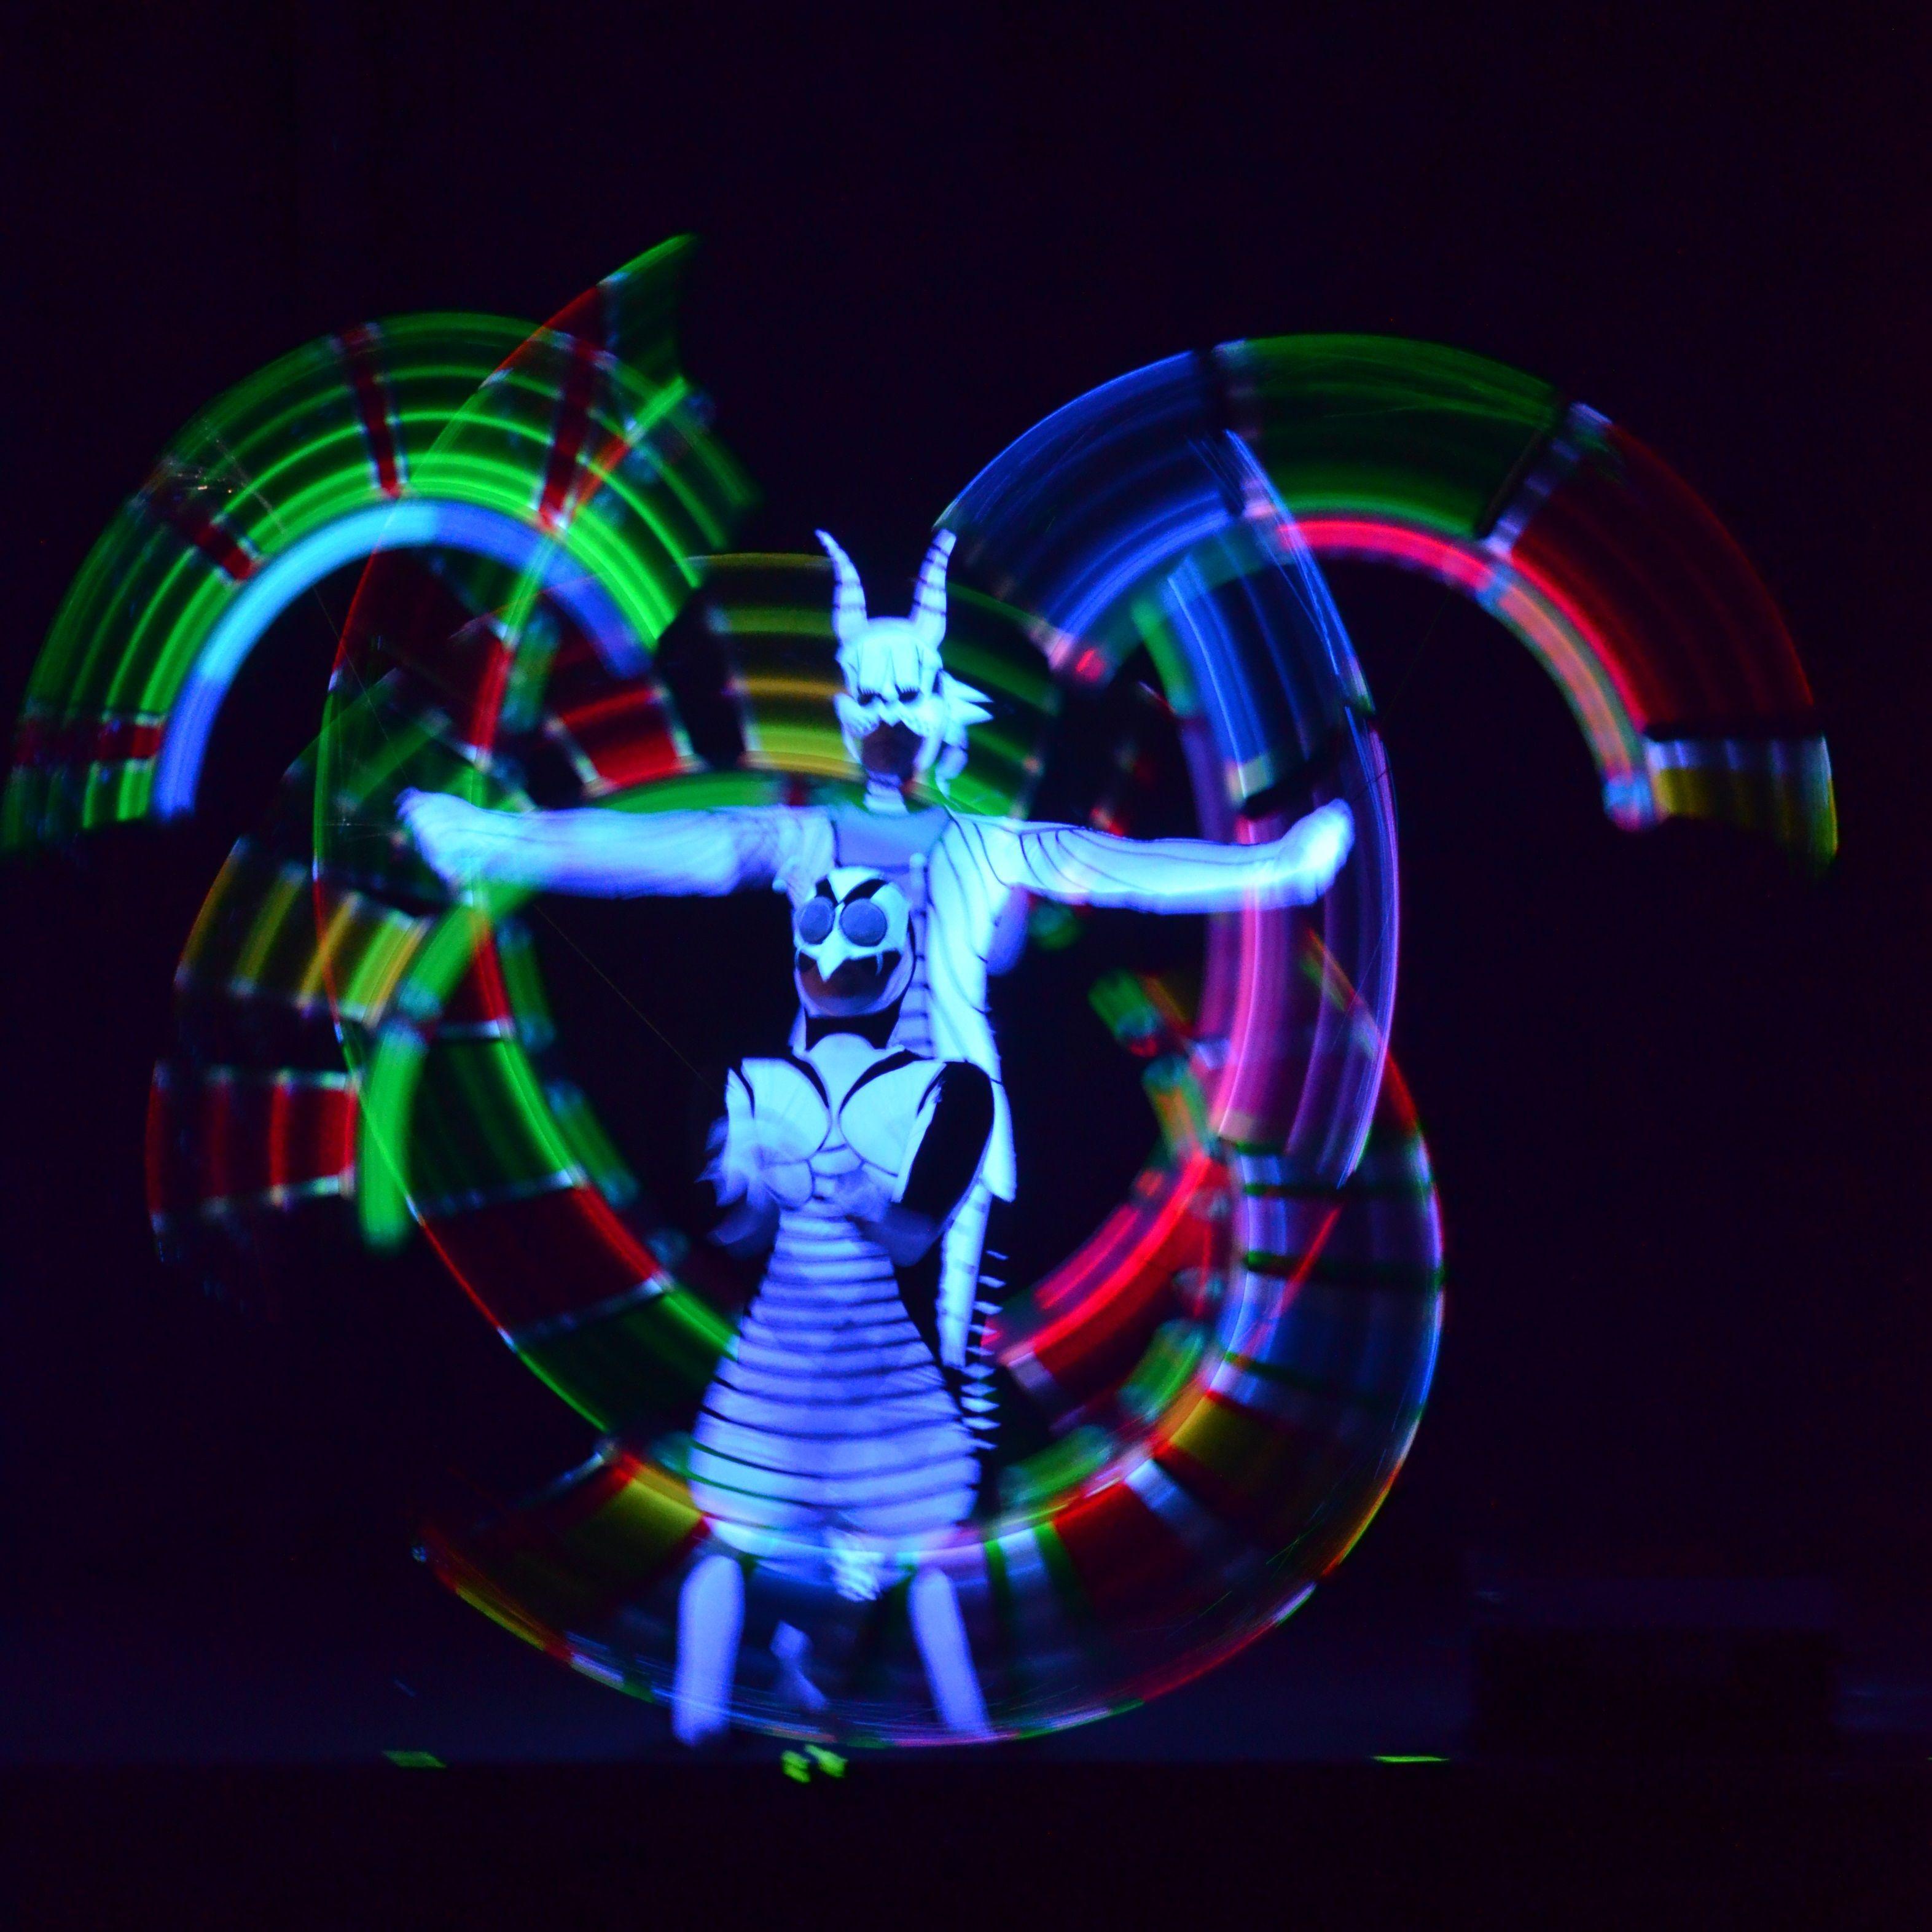 Animatix Lux Schwarzlichtshow Animatix Lux bei der Gala für Fressnapf